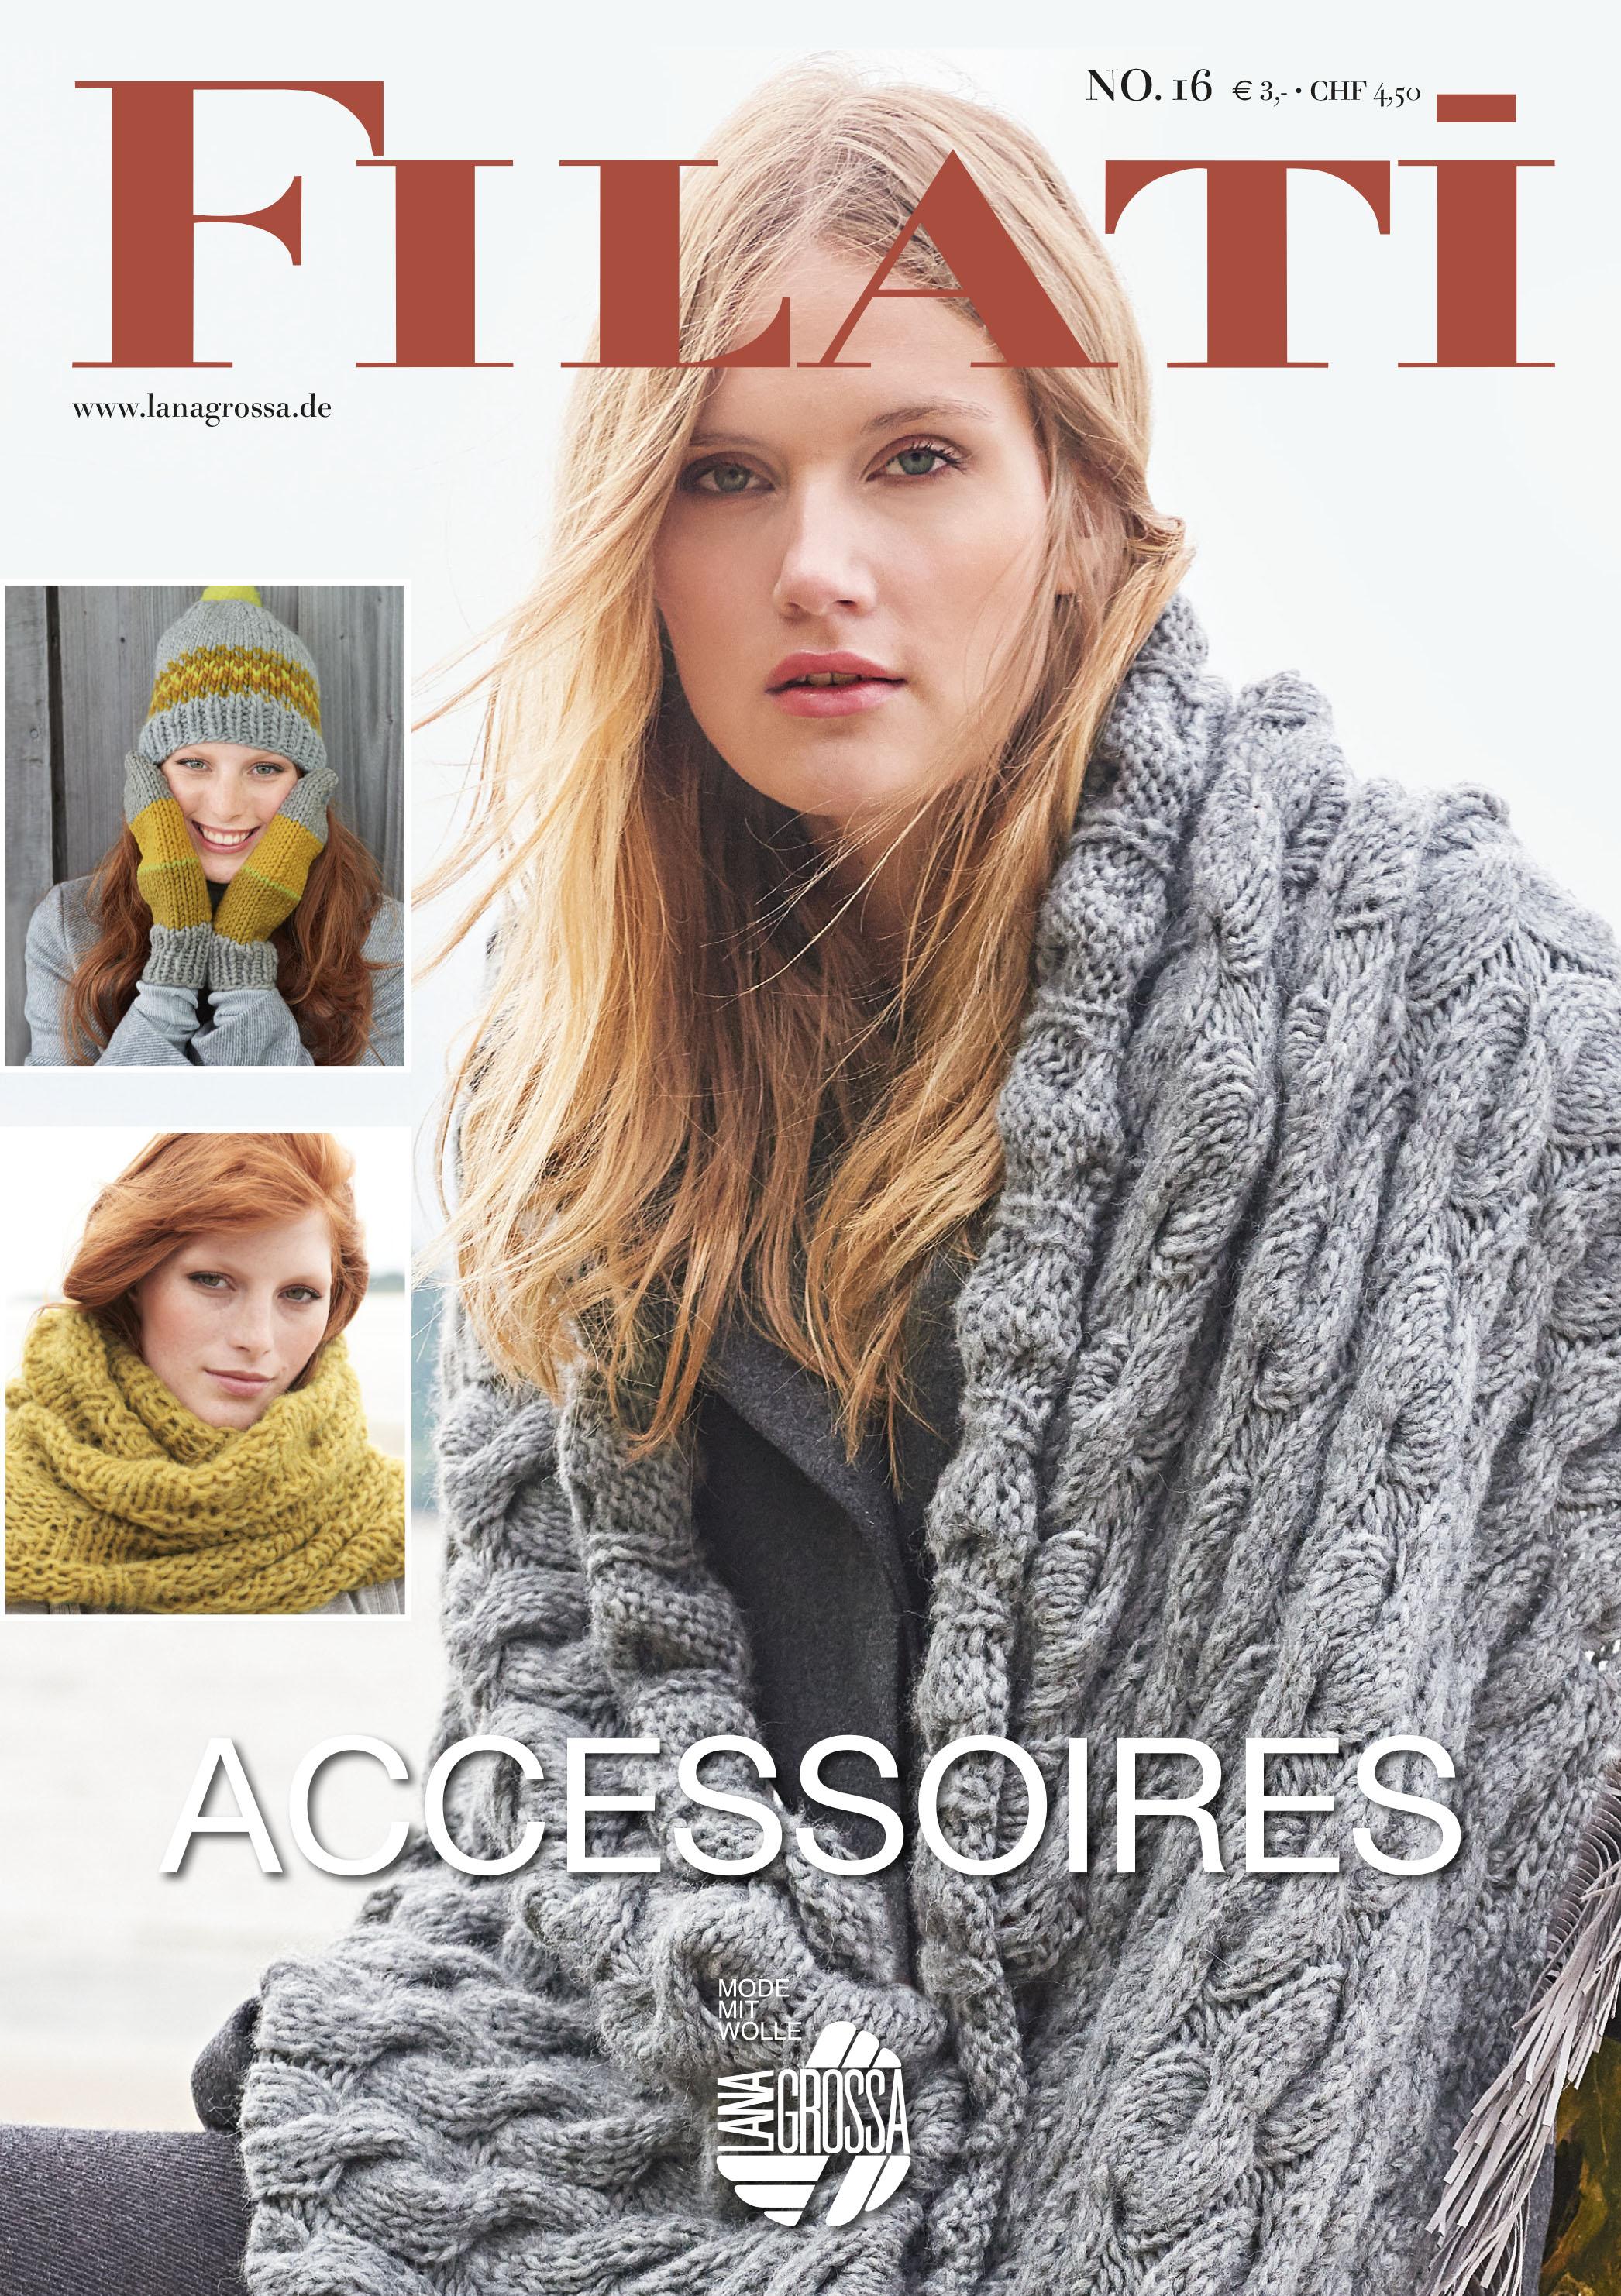 Lana Grossa FILATI Accessoires No. 16   FILATI Accessoires No. 16 ... ae128c1256e1